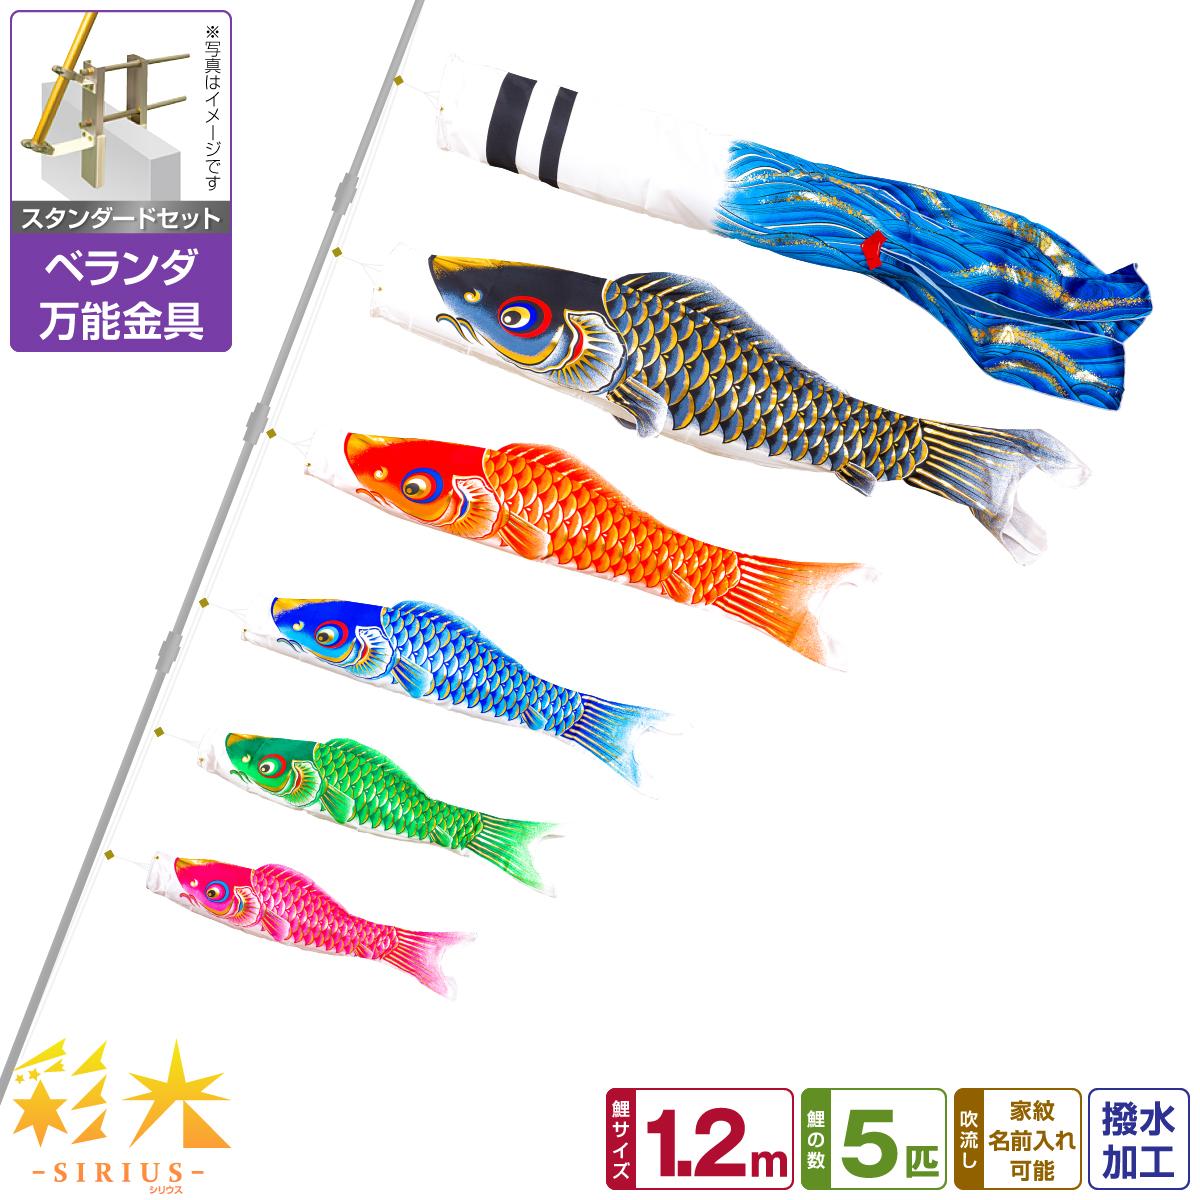 ベランダ用 こいのぼり 鯉のぼり SIRIUS/彩光鯉 1.2m 8点(吹流し+鯉5匹+矢車+ロープ)/スタンダードセット(万能取付金具)